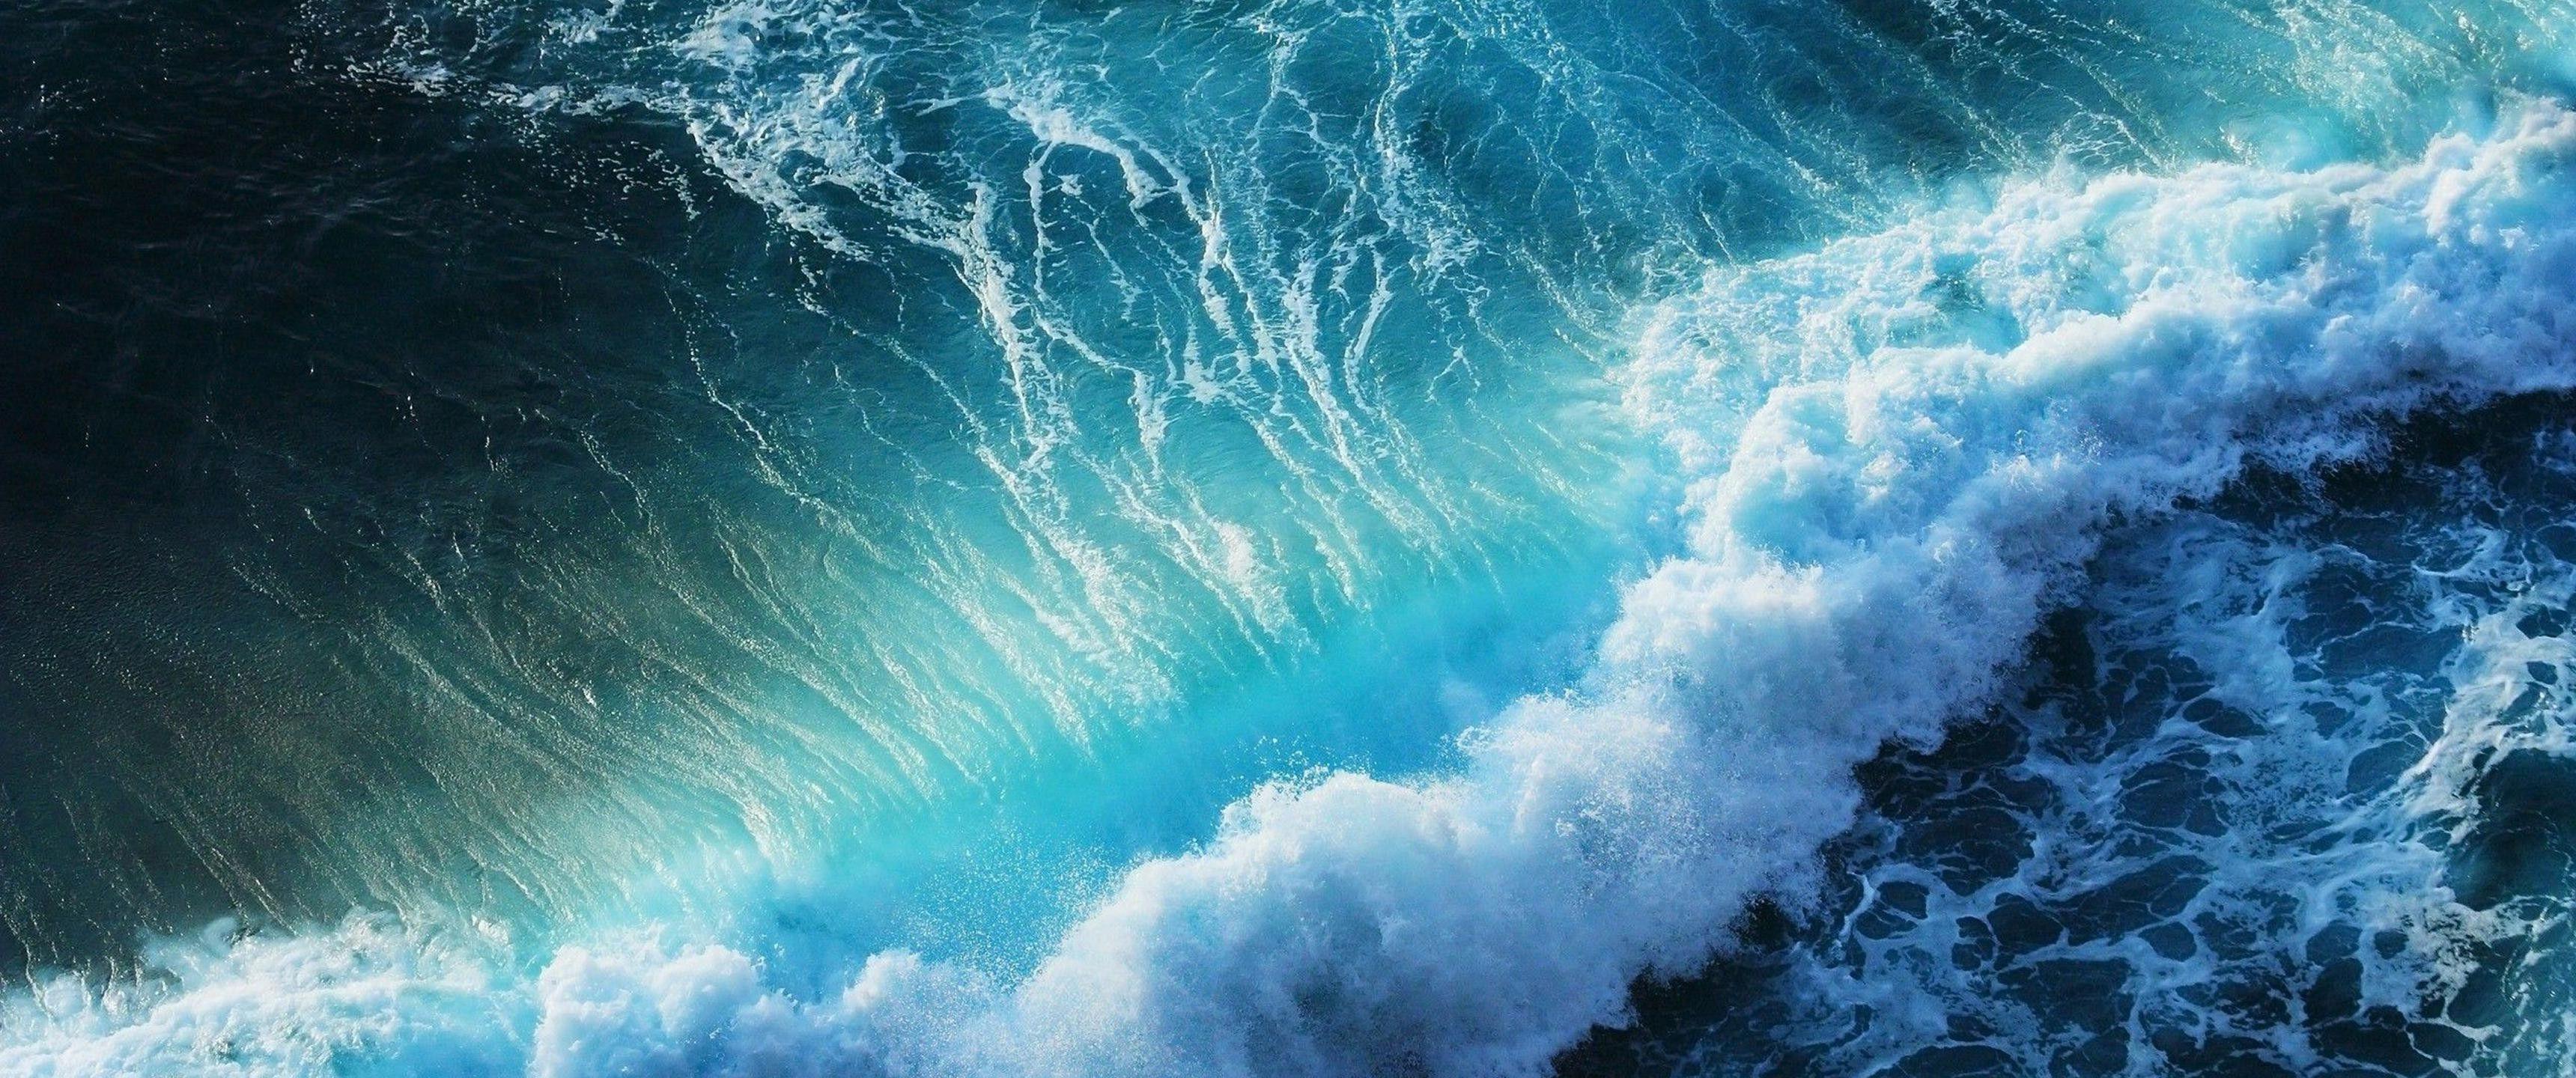 Ultra Wide Wallpaper Цветовые палитры, Волны, Океанские